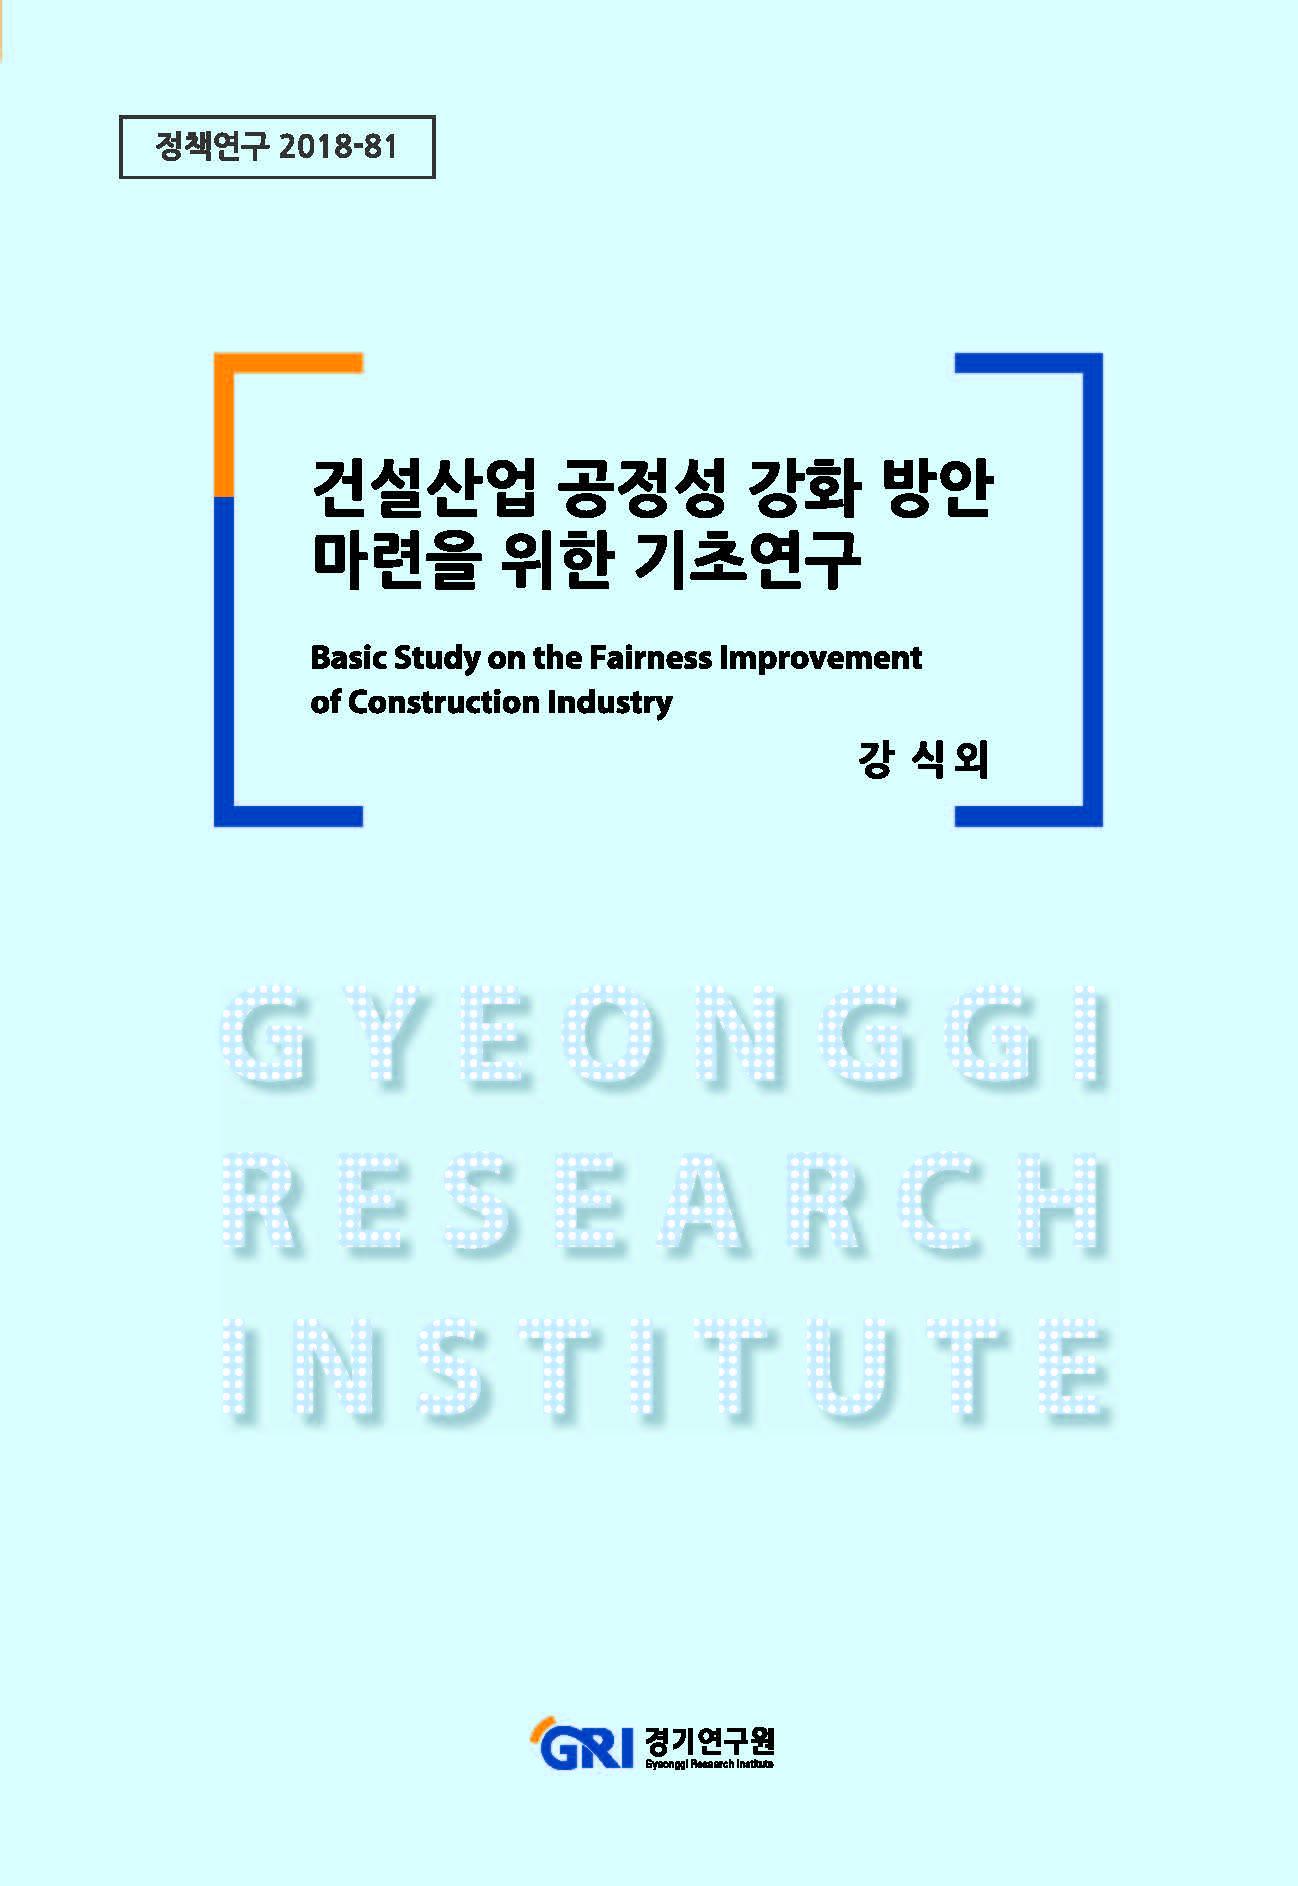 건설산업 공정성 강화 방안 마련을 위한 기초연구